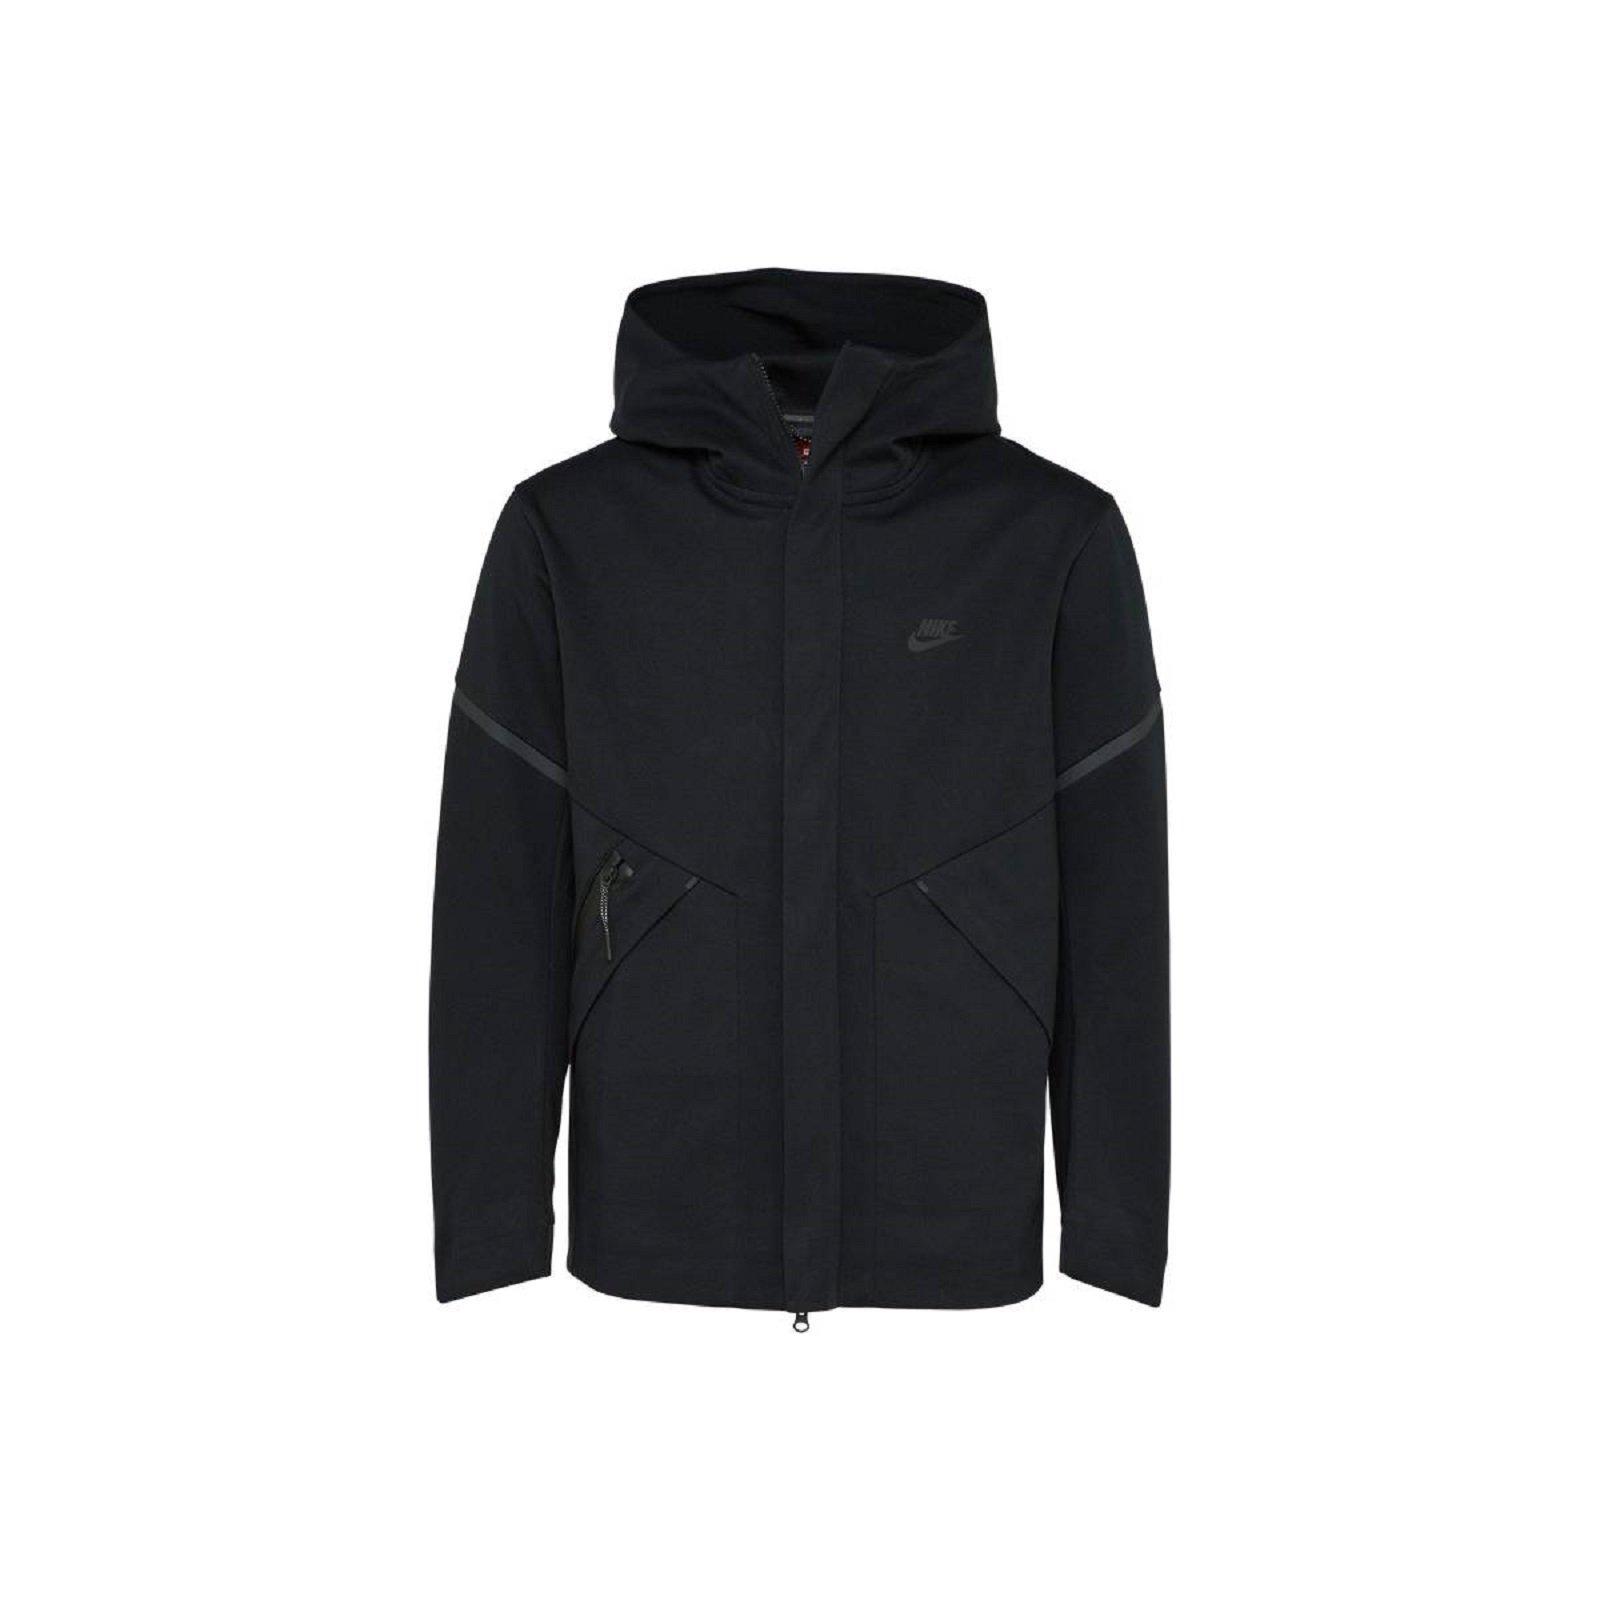 9e777aa7a817 Galleon - NIKE Sportswear Tech Fleece Repel Windrunner Jacket Men Black  Heather 867658-010 (2X-Large)